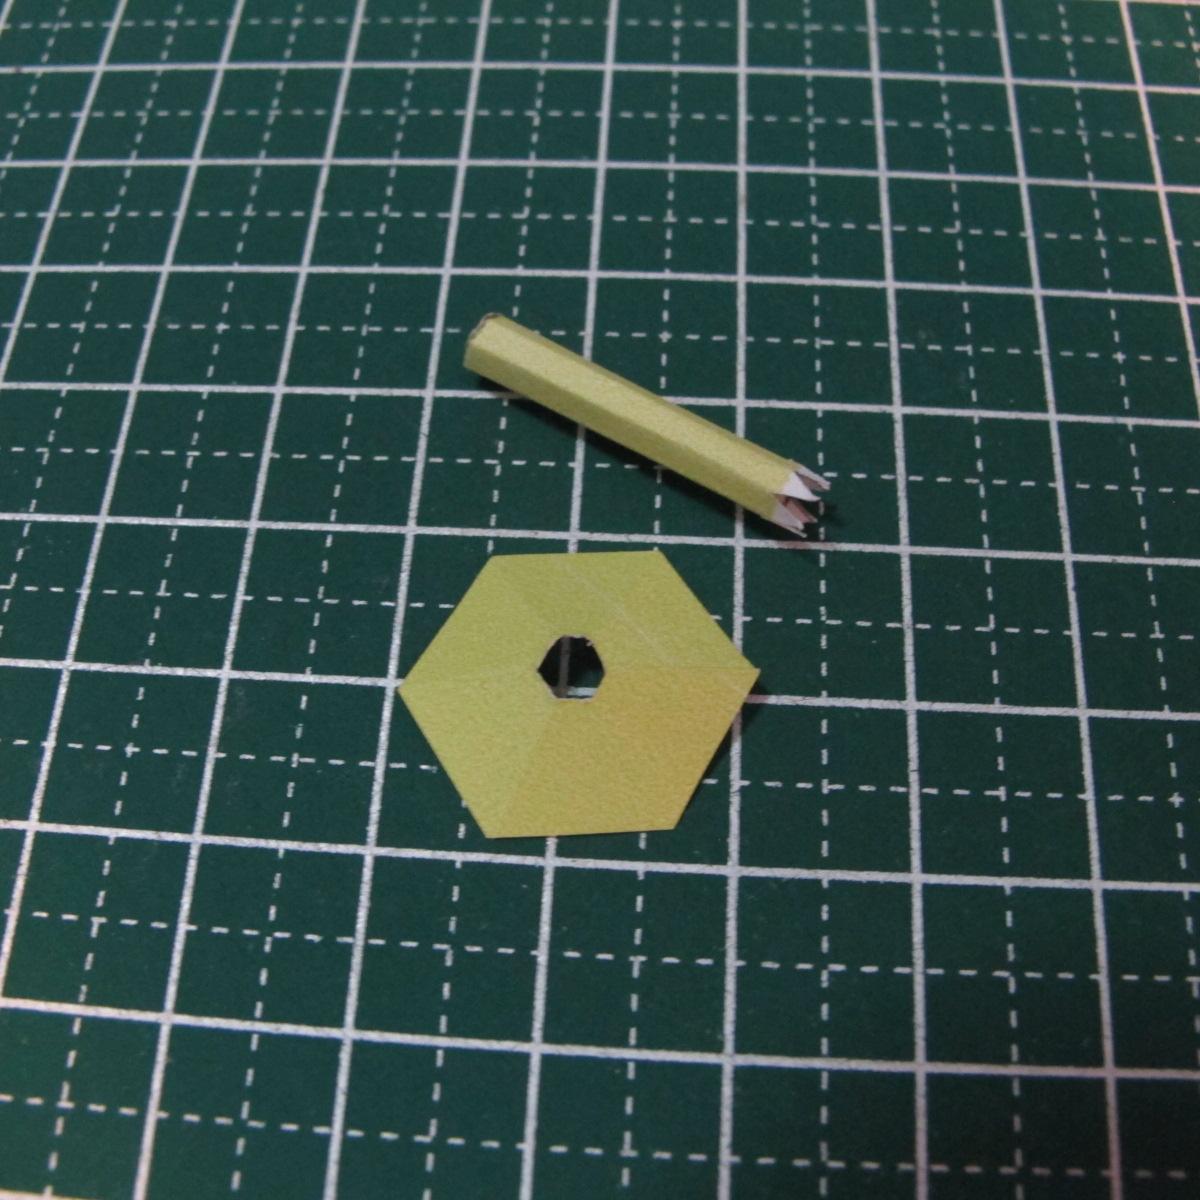 วิธีการทำโมเดลกระดาษเป็นสตอเบอรี่สีแดง 008